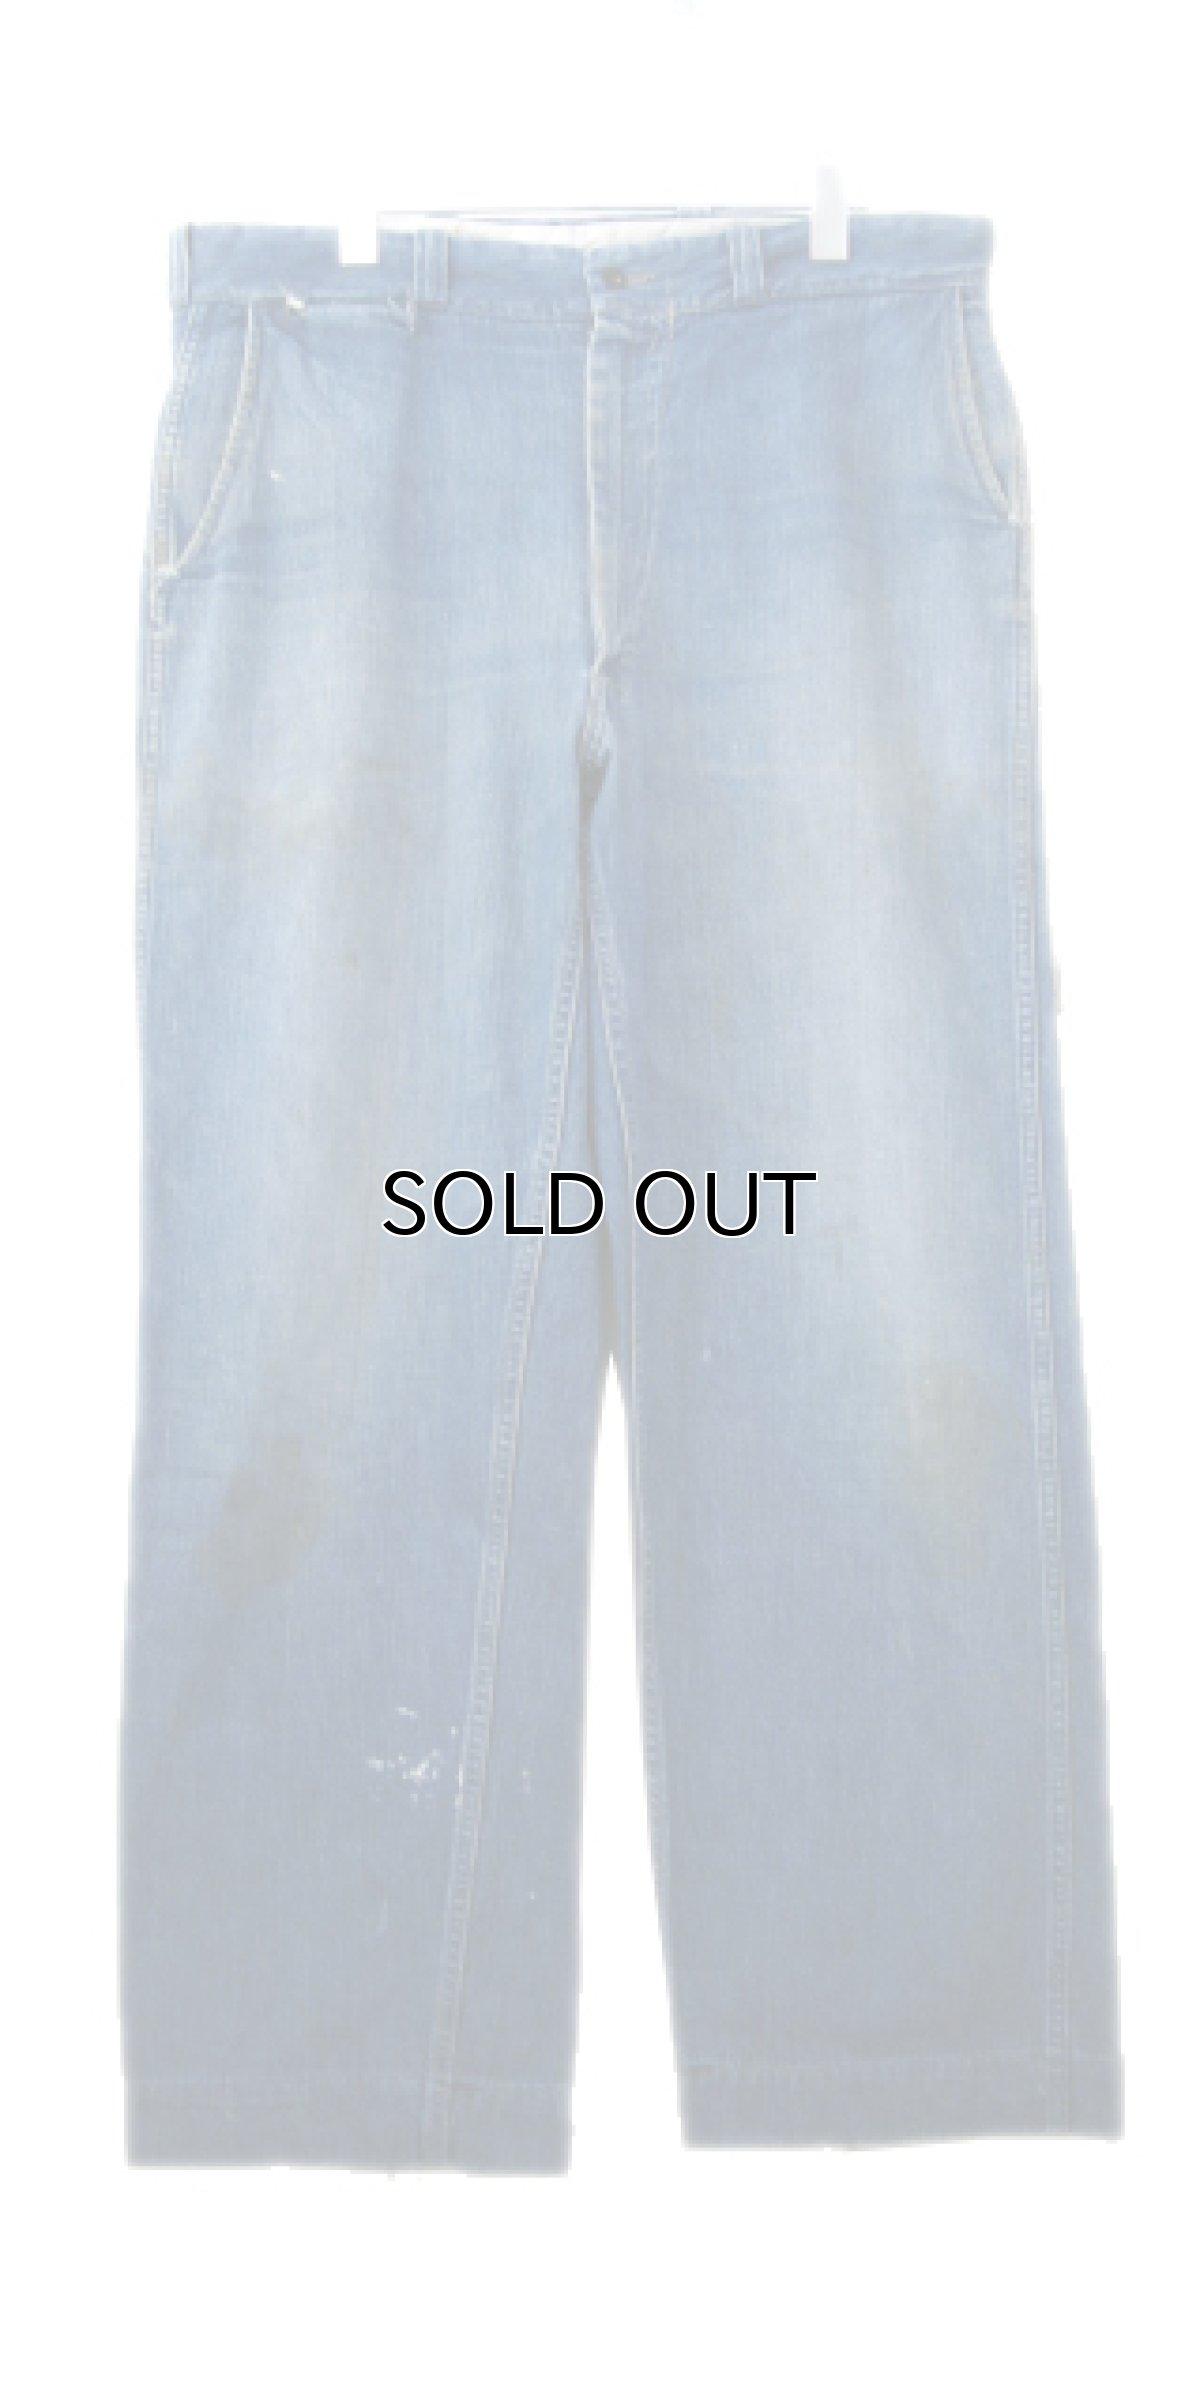 画像1: 1950's U.S. Trousers Style Worker Denim Pants Indigo Blue size w 36 inch (表記 不明) (1)